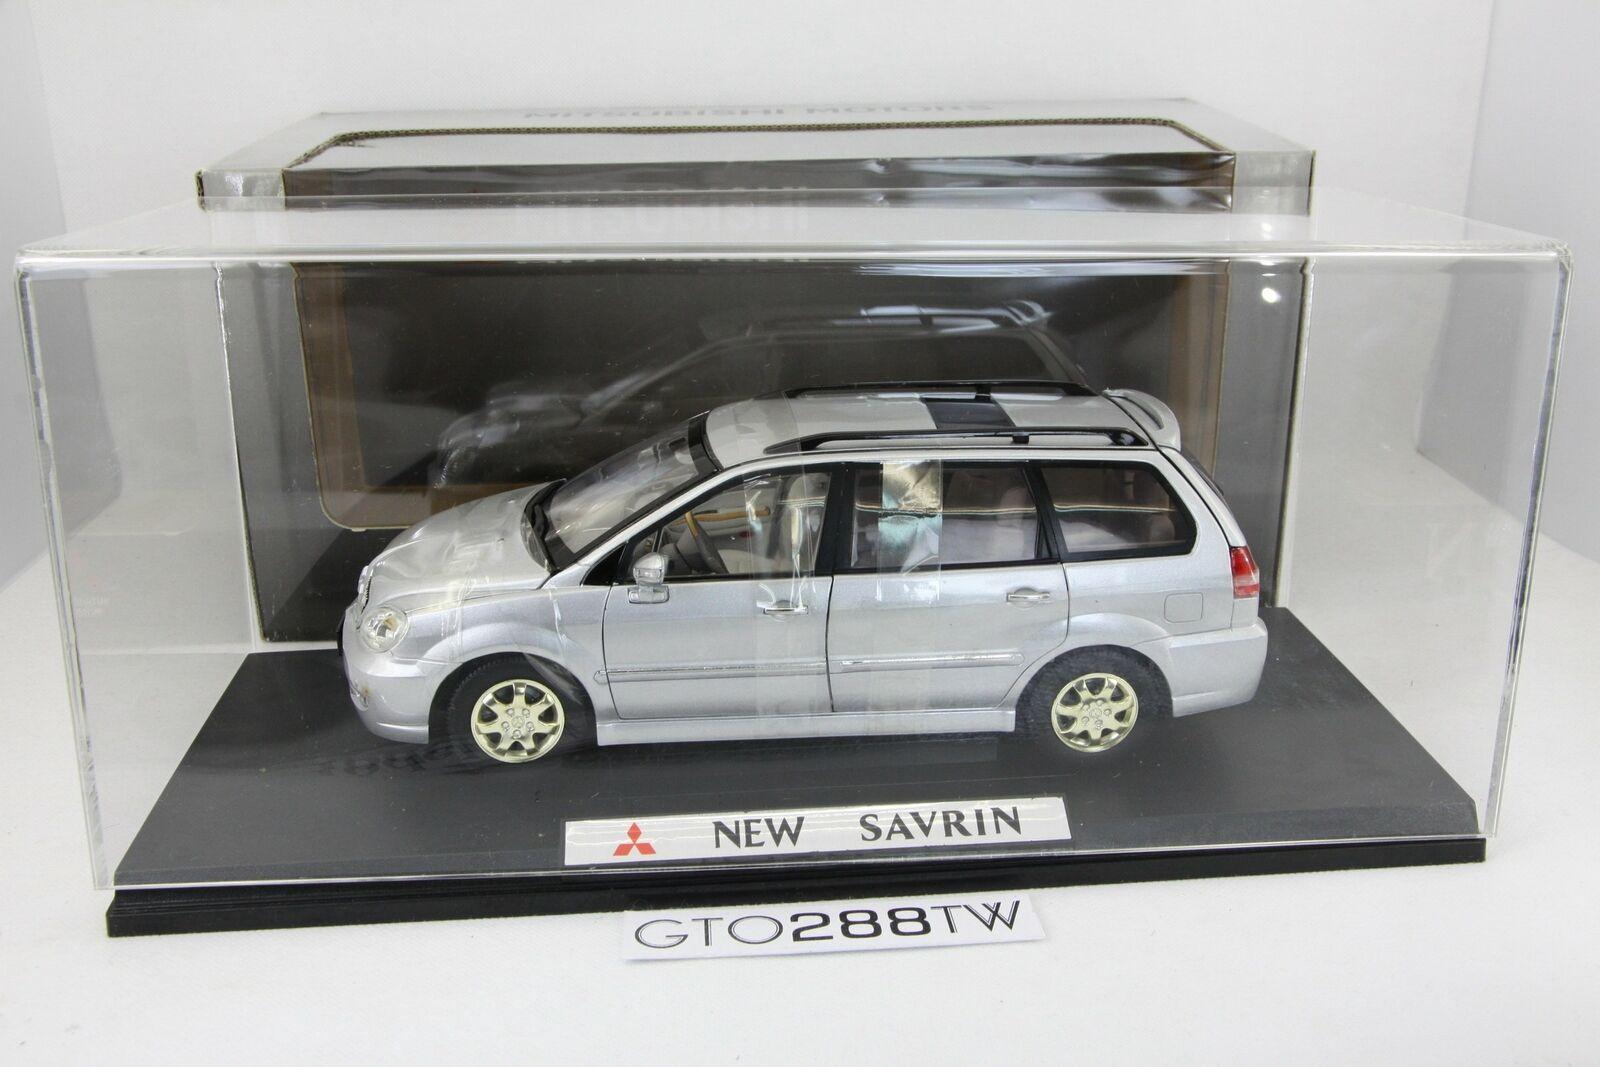 wholesape barato Distribuidor Distribuidor Distribuidor 1 18 Mitsubishi Nuevo SAVRIN MPV 2005 (Nimbus Grandis) Plata  con cubierta de acrílico  Con 100% de calidad y servicio de% 100.